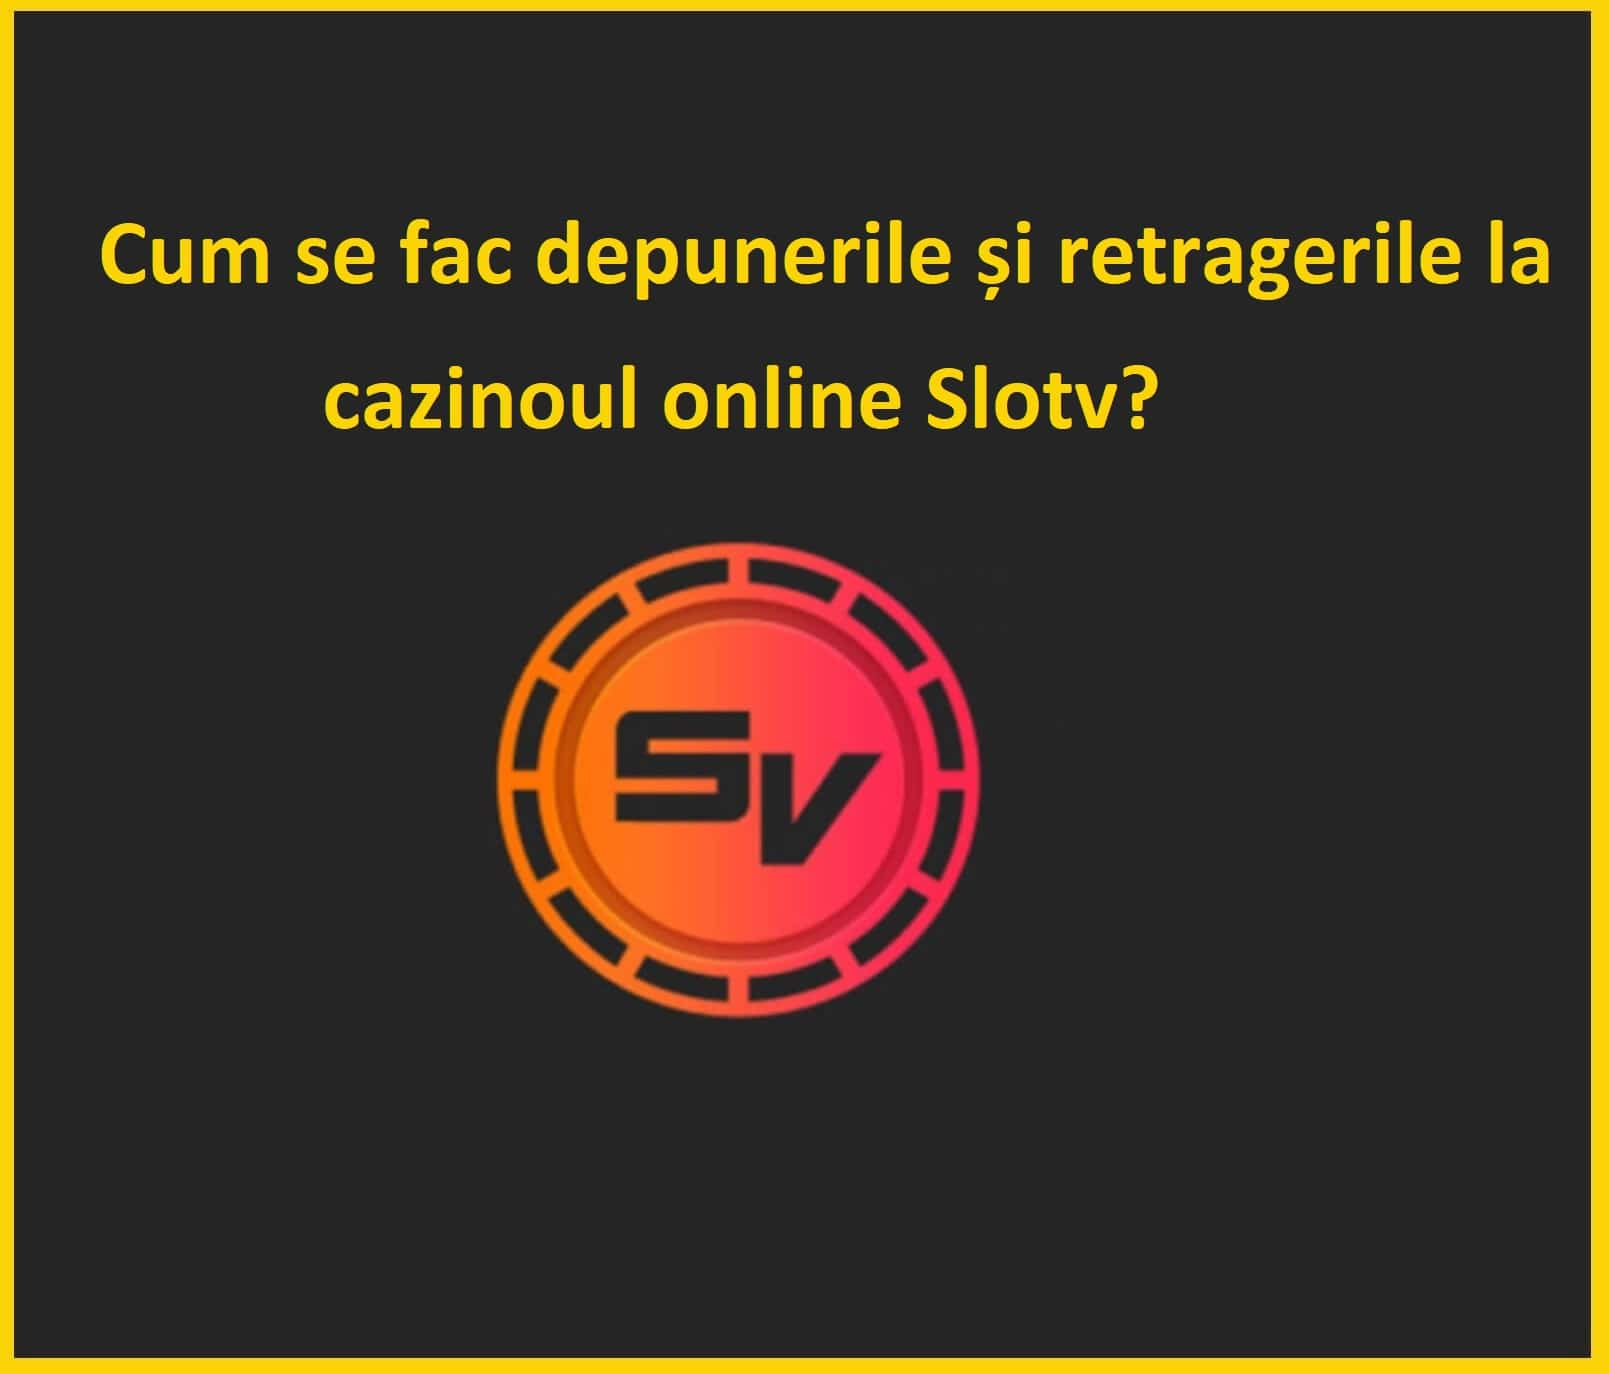 Cum se fac depunerile și retragerile la cazinoul online Slotv